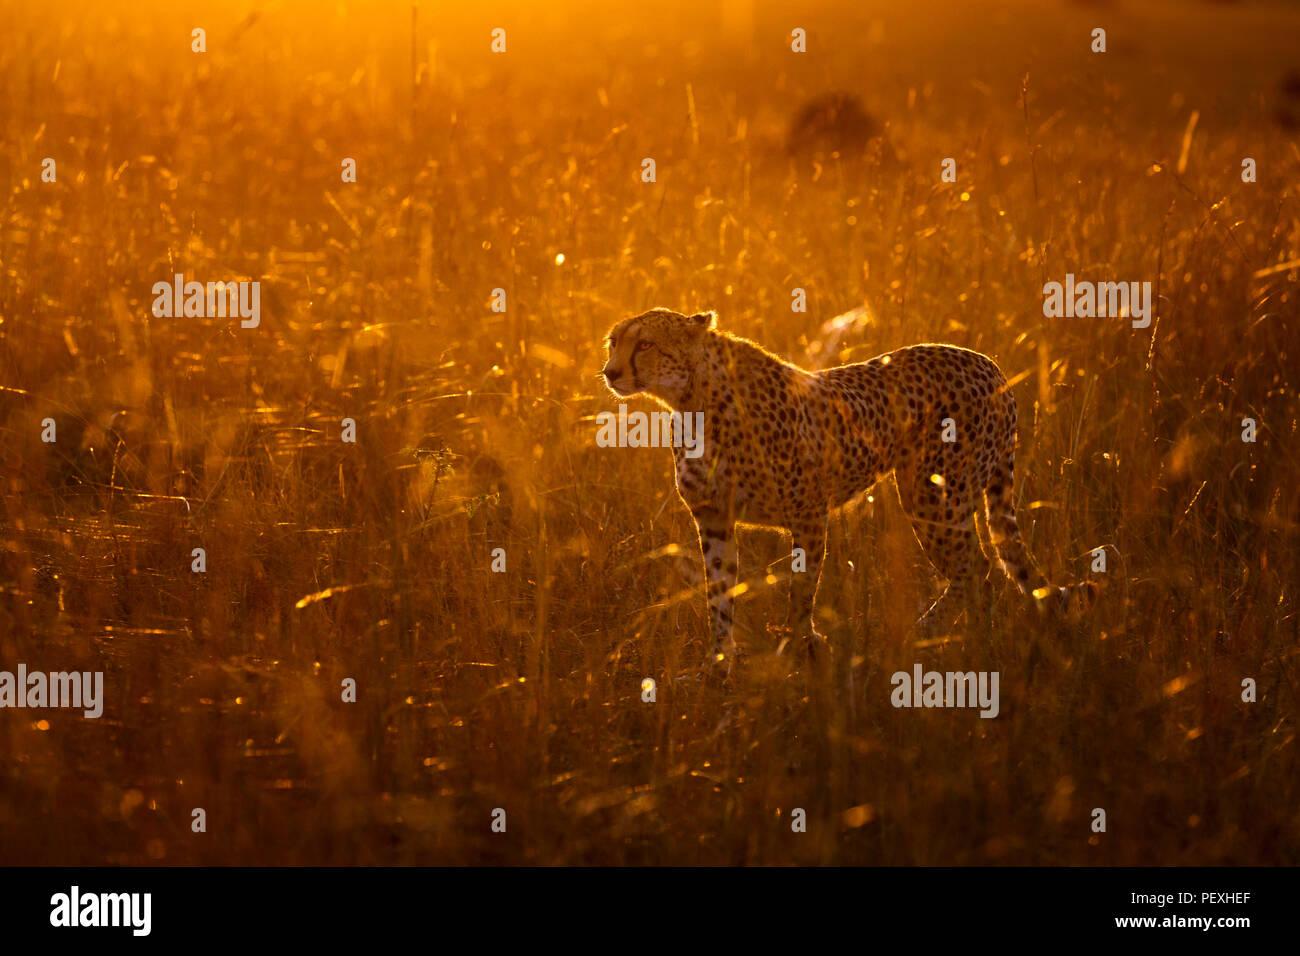 Nach weiblichen Geparden (Acinonyx jubatus) mit Hintergrundbeleuchtung von früh morgens Sonne steht, wachsam und aufmerksam im Grünland in der Masai Mara National Reserve, Kenia Stockfoto